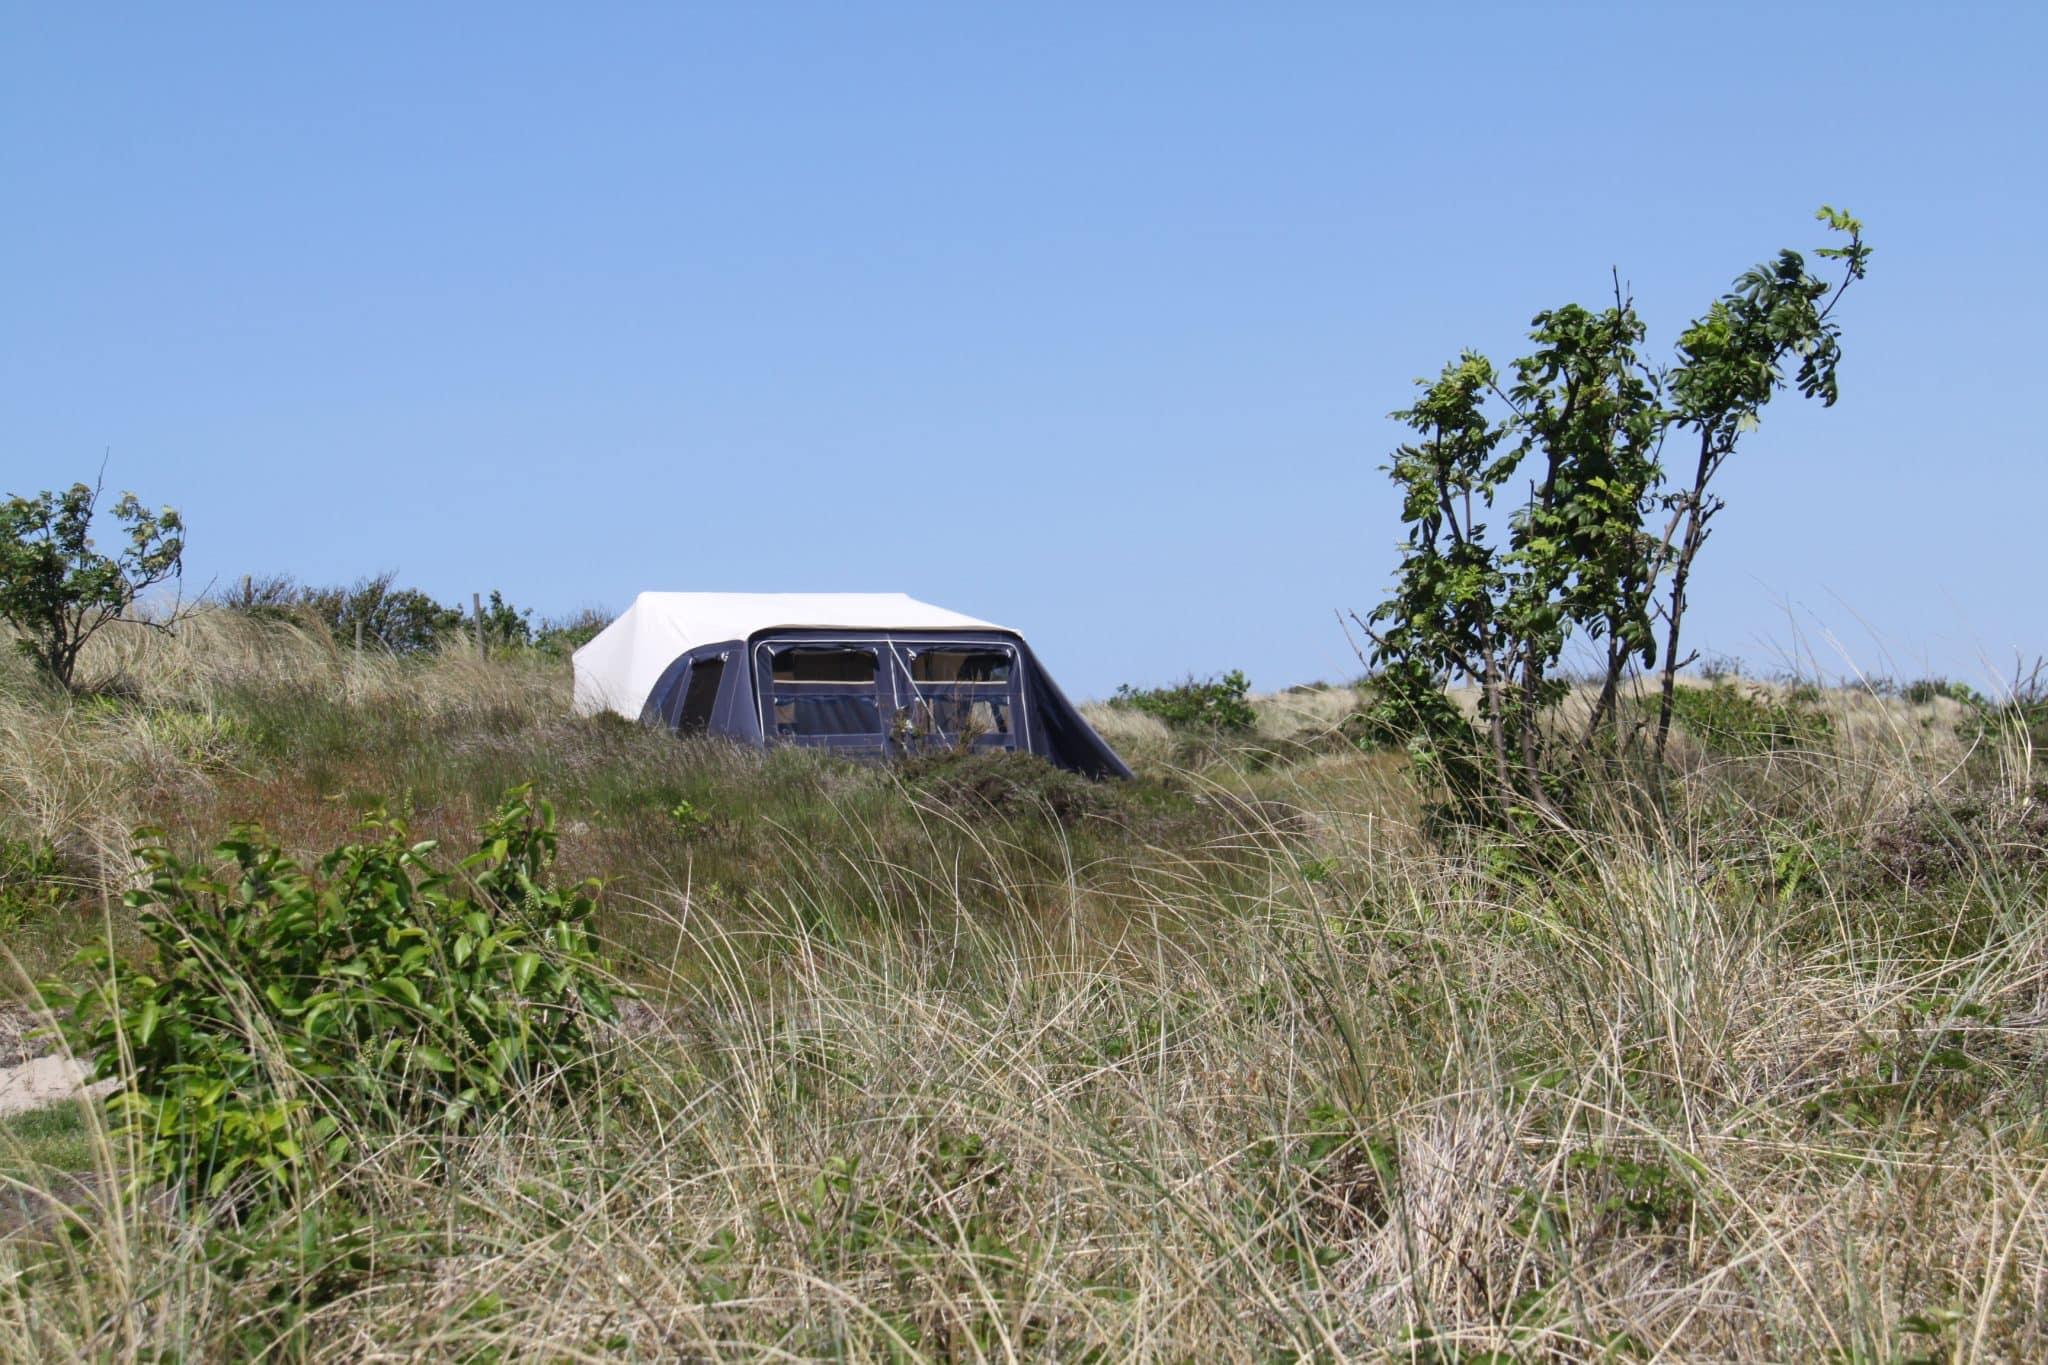 combi camp flexi comfort vouwwagen snel opzetbare gezinswagen. Black Bedroom Furniture Sets. Home Design Ideas